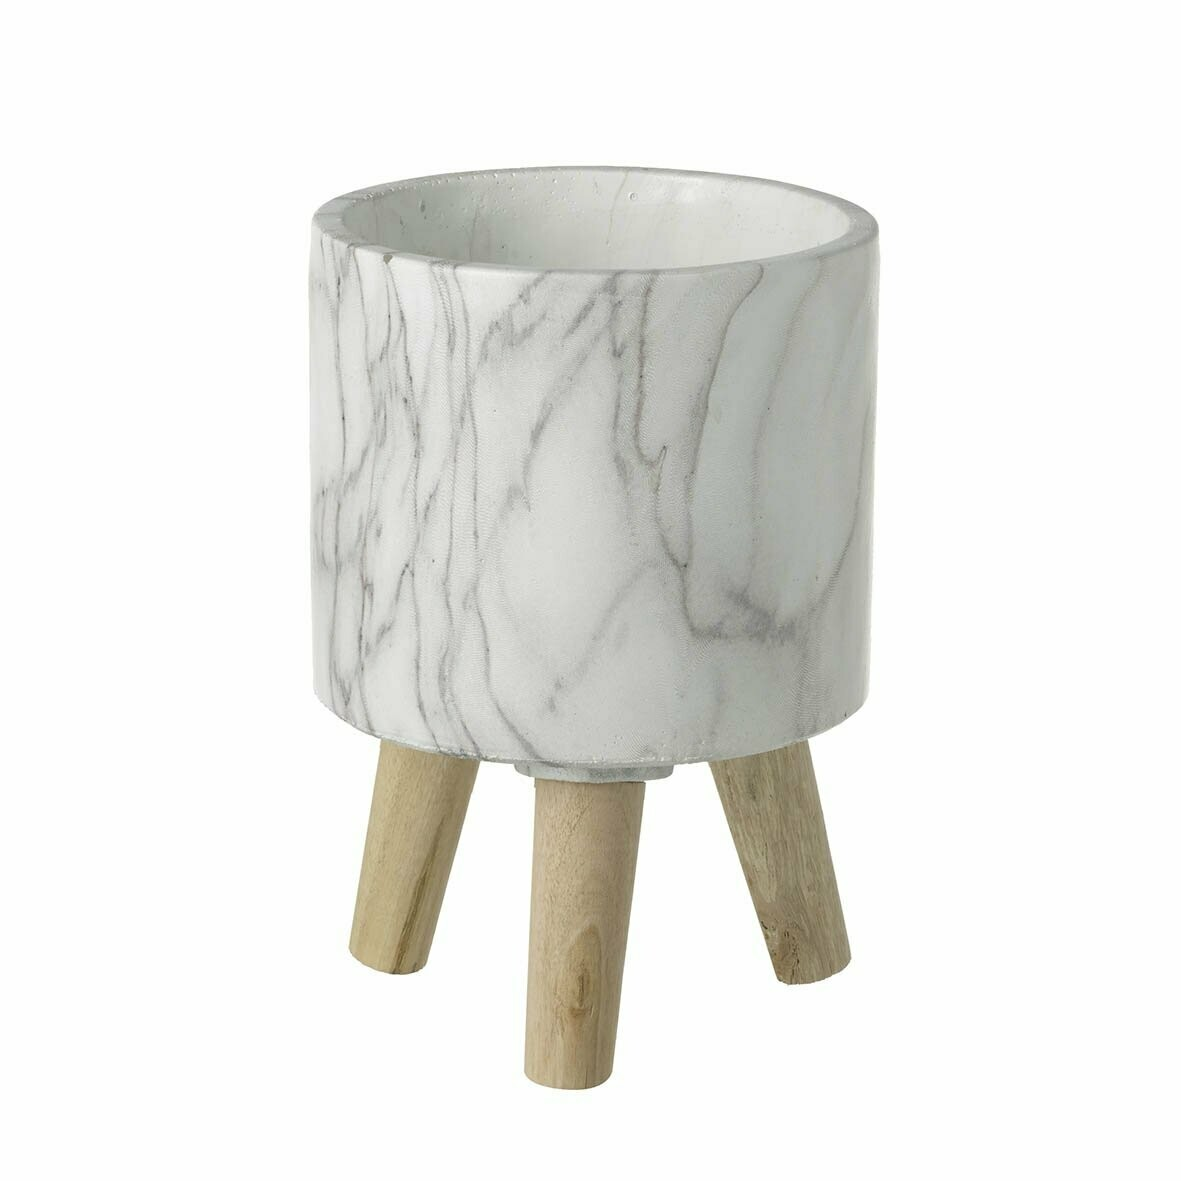 Marble Planter Grey & White